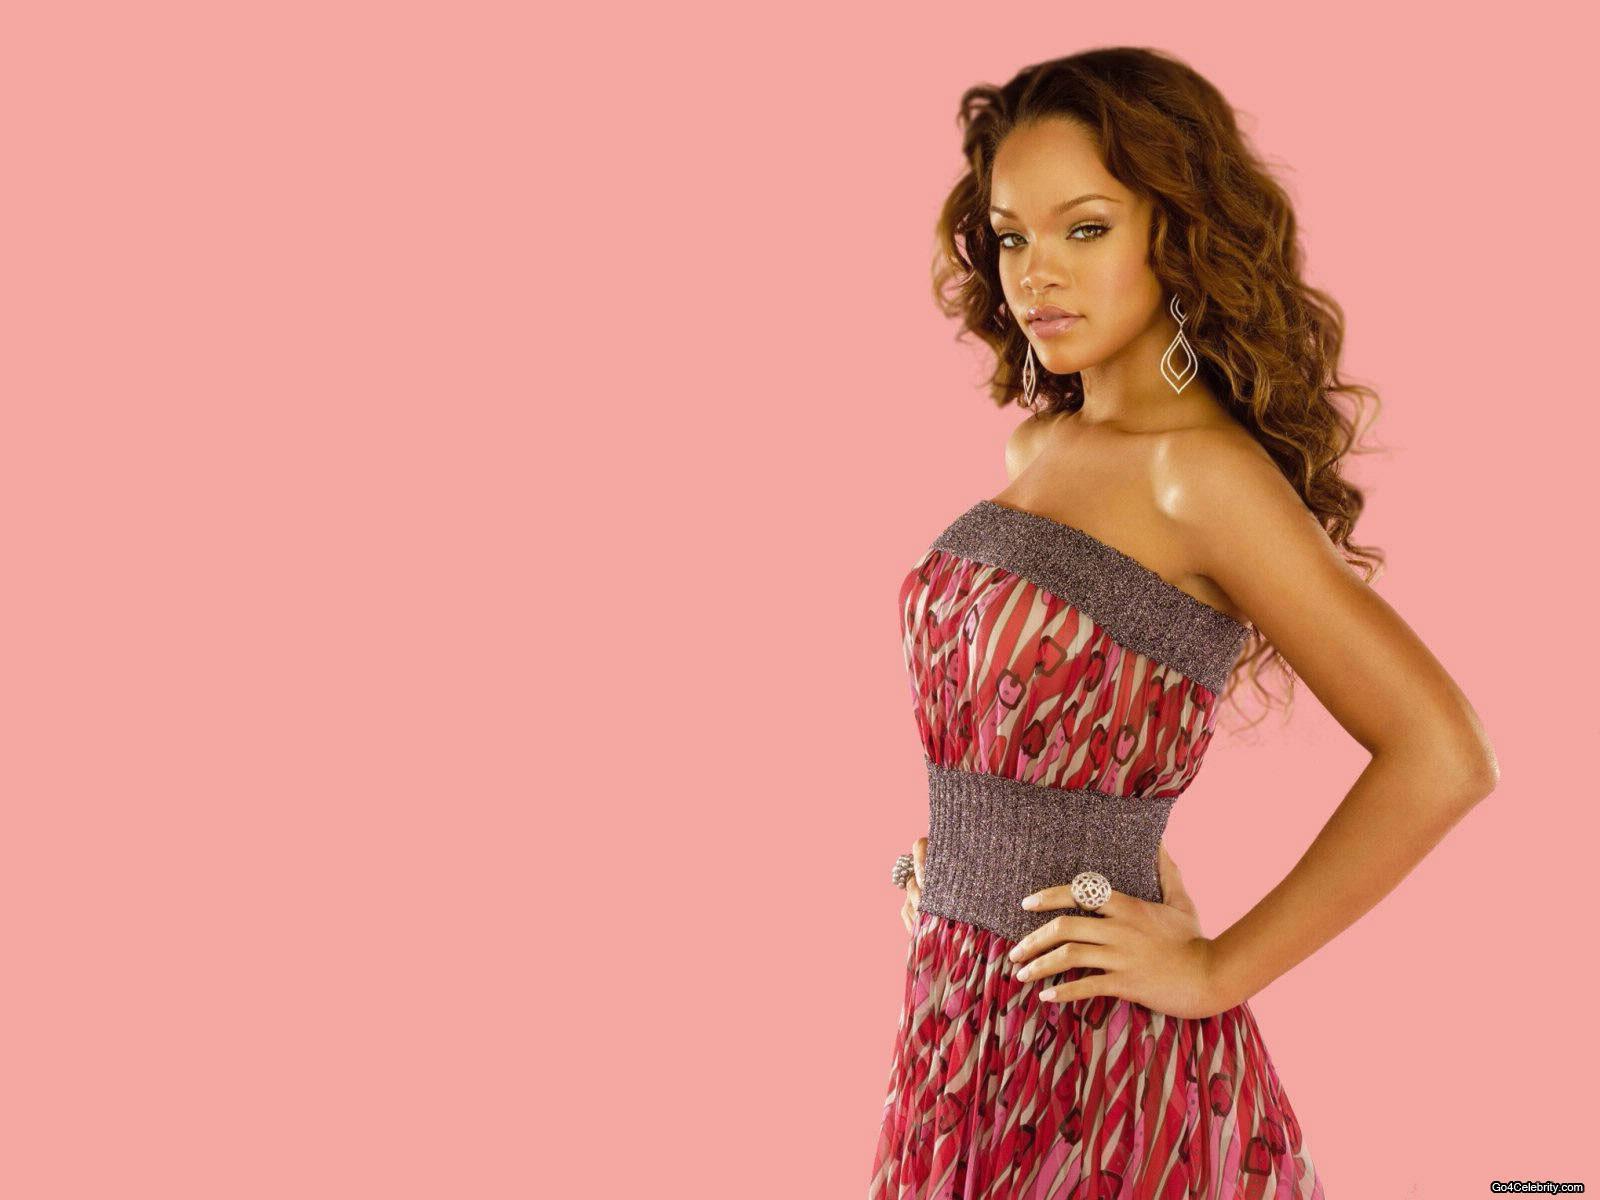 Rihanna   Rihanna Wallpaper 6848329 1600x1200